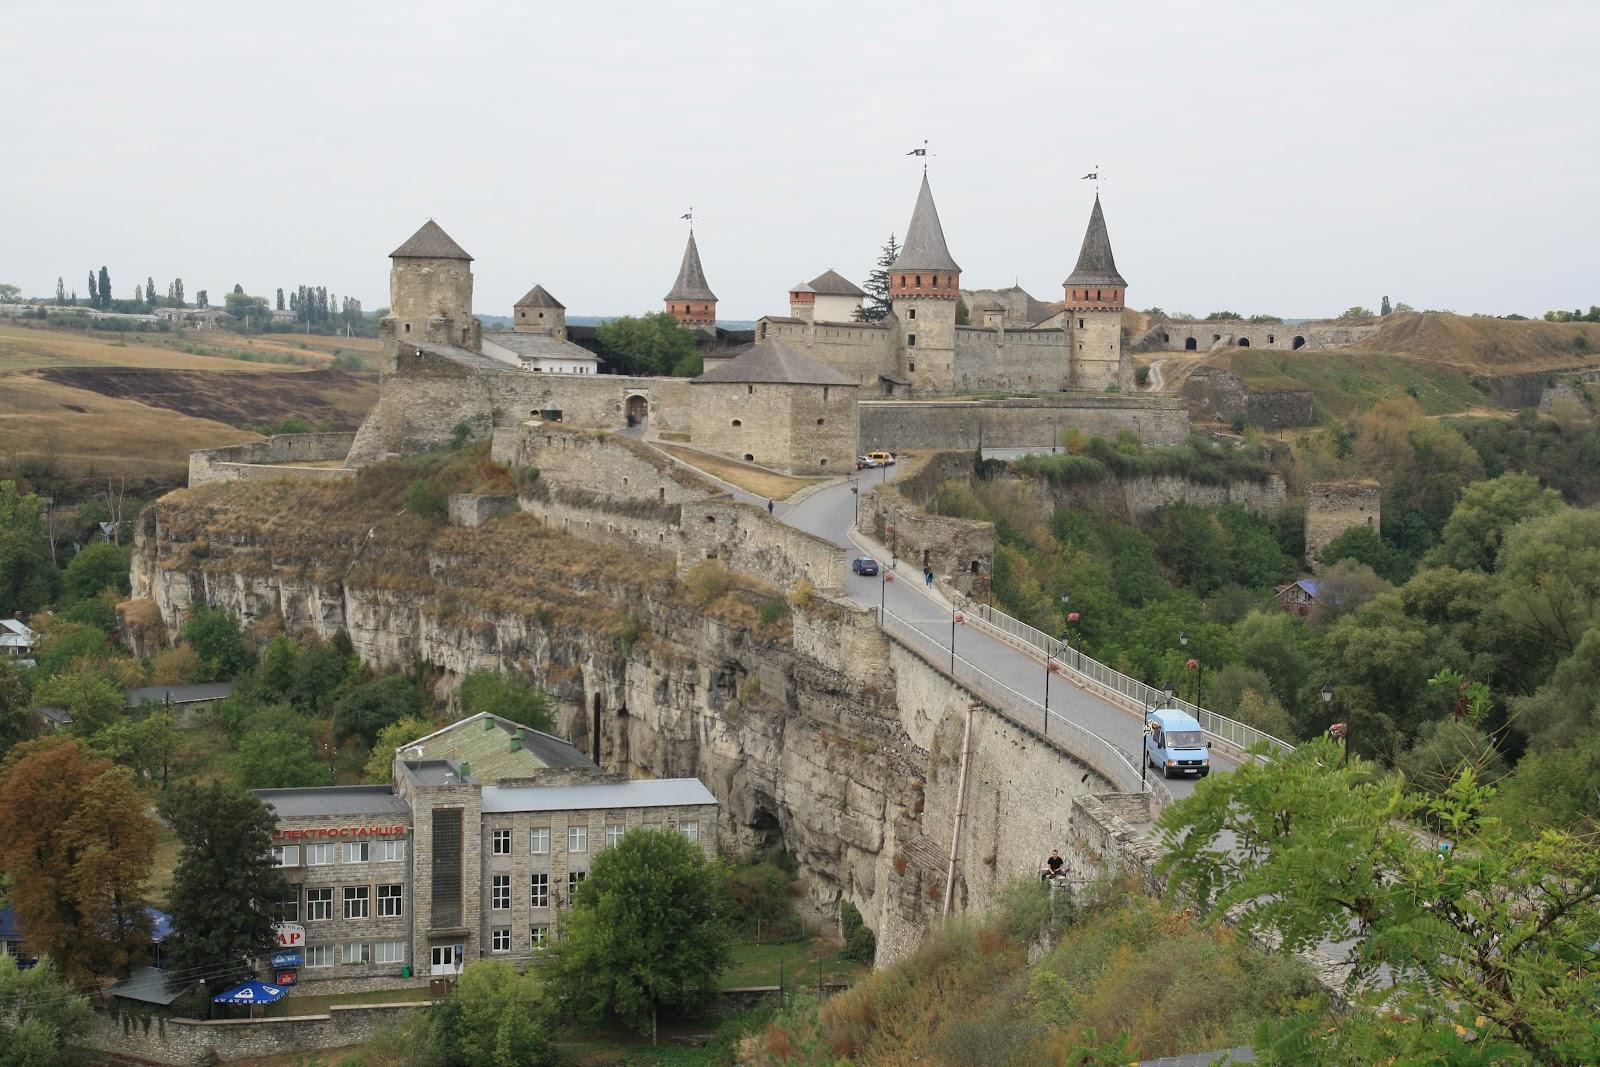 Замковий міст, що сполучає Старе місто з Кам'янець-Подільською фортецею